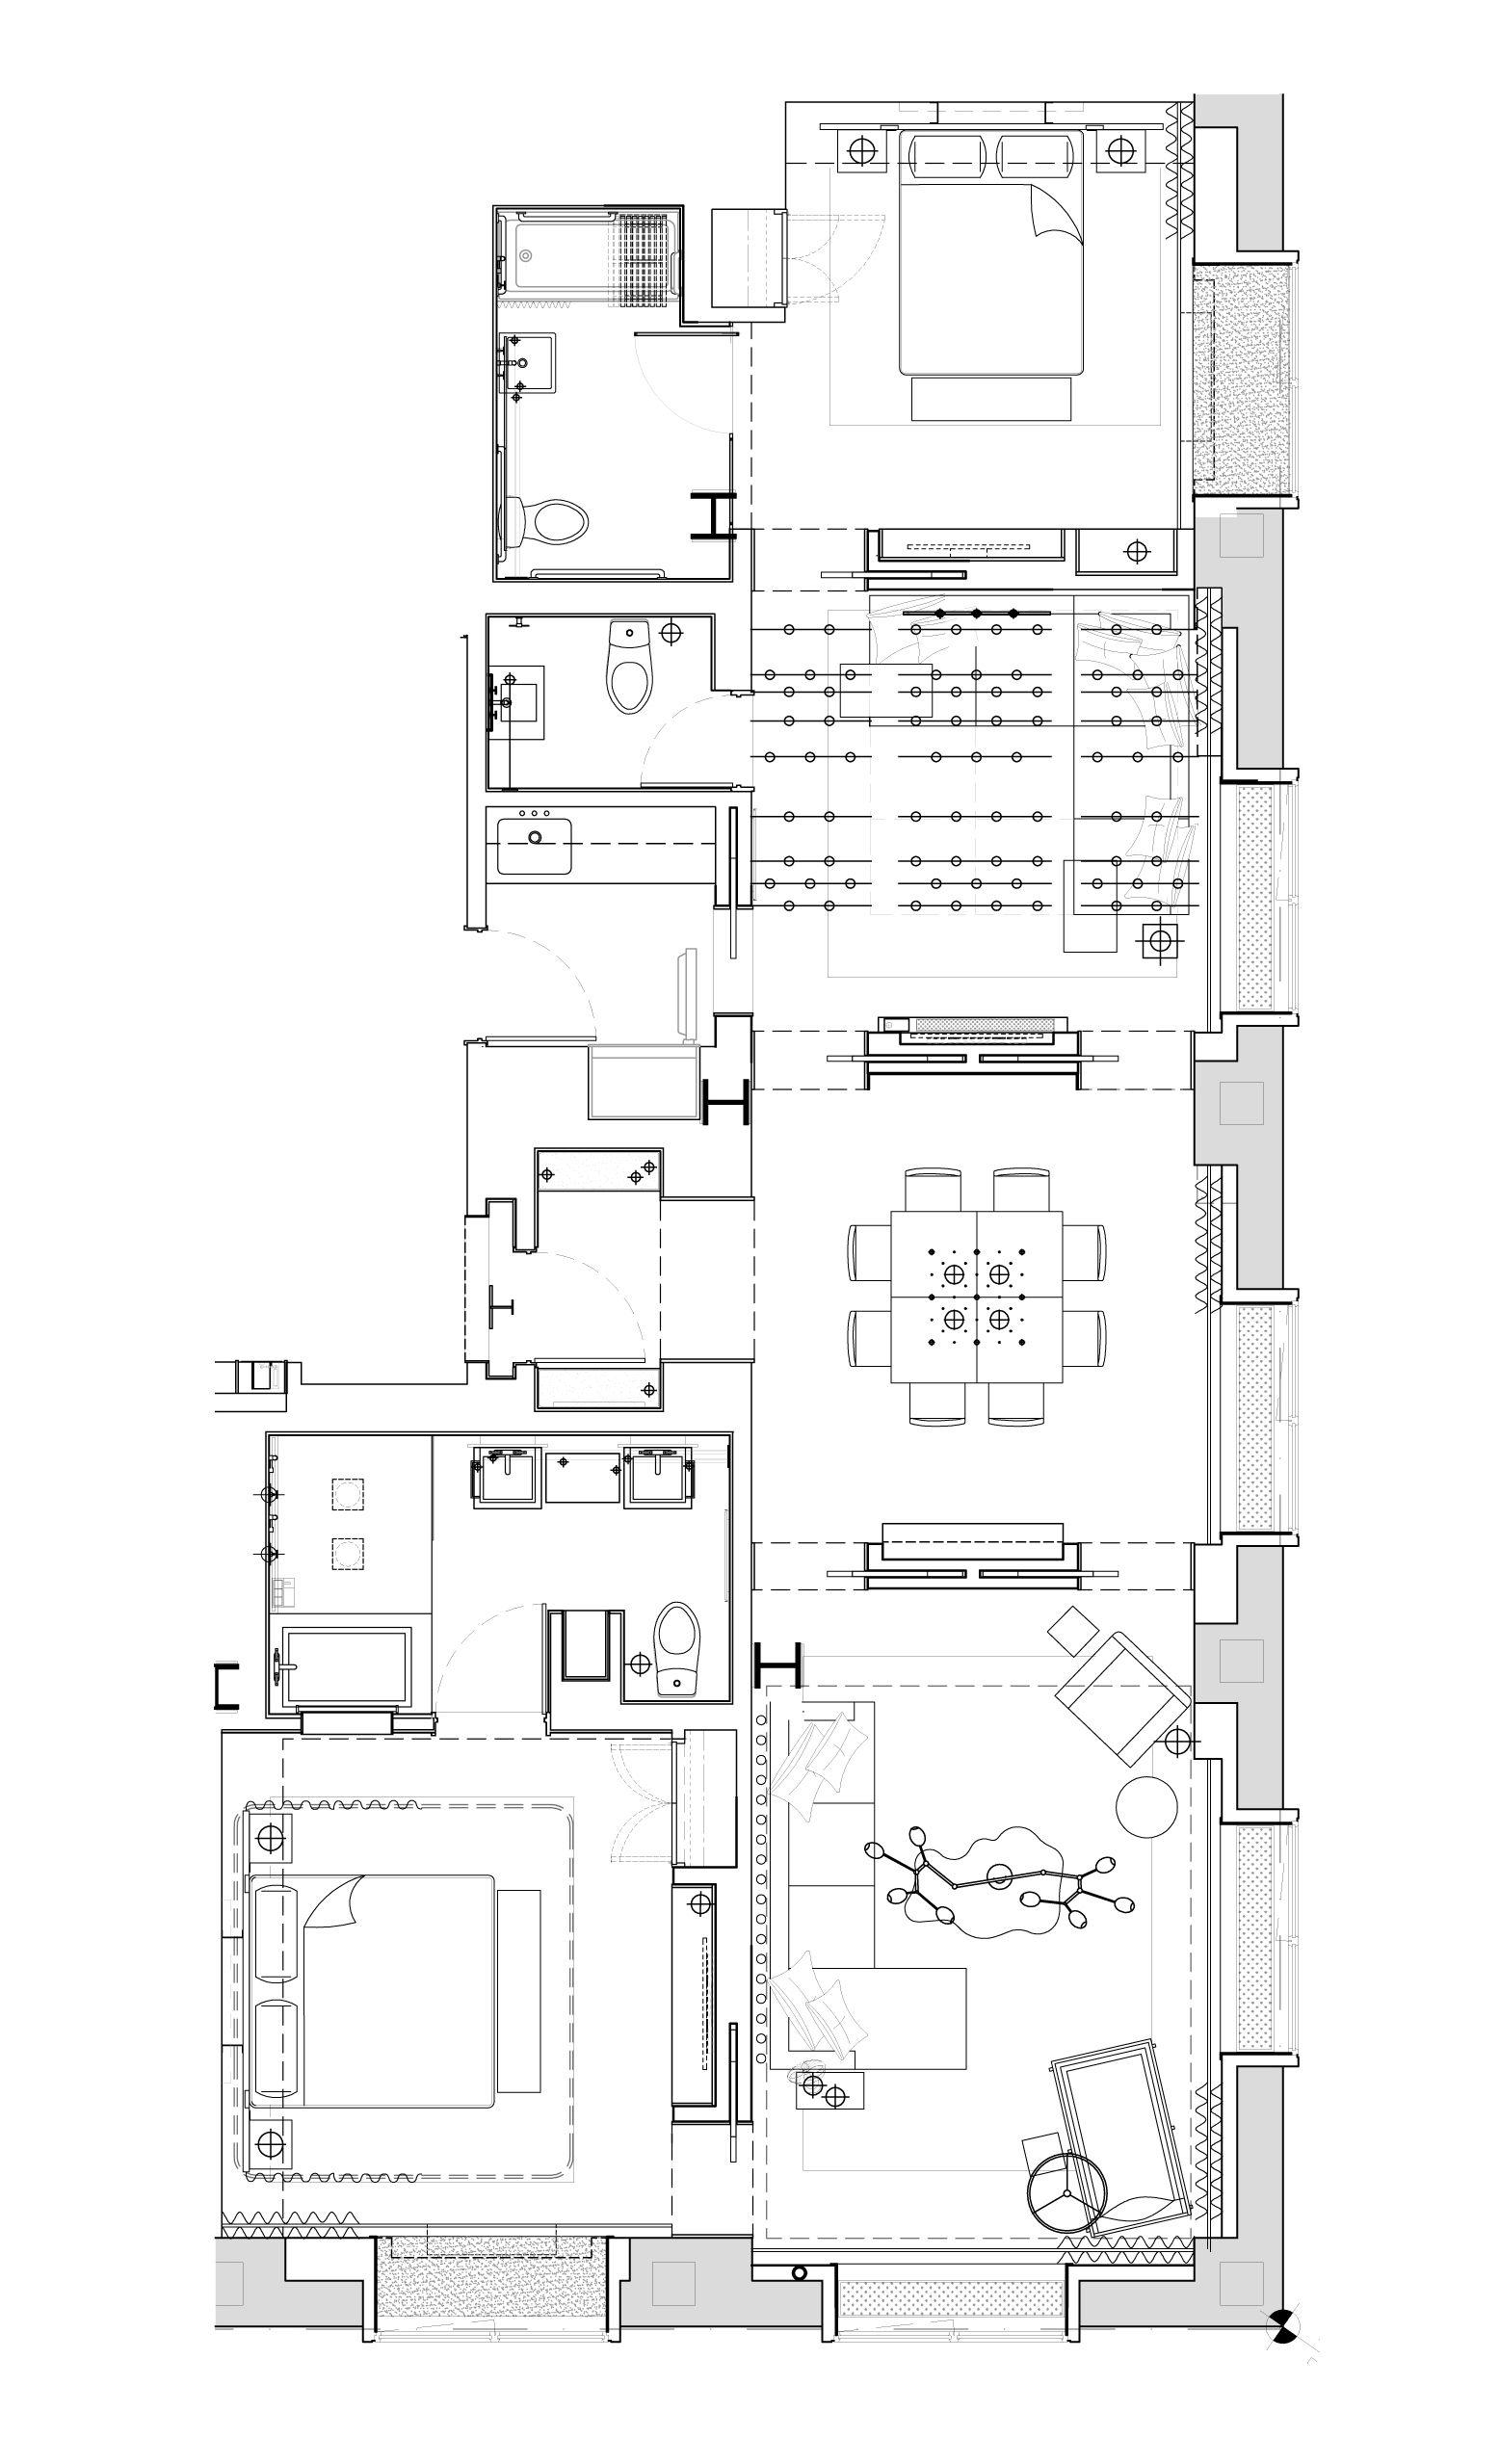 Hotel Room Floor Plan: Hotel Floor Plan, Hotel Suite Plan